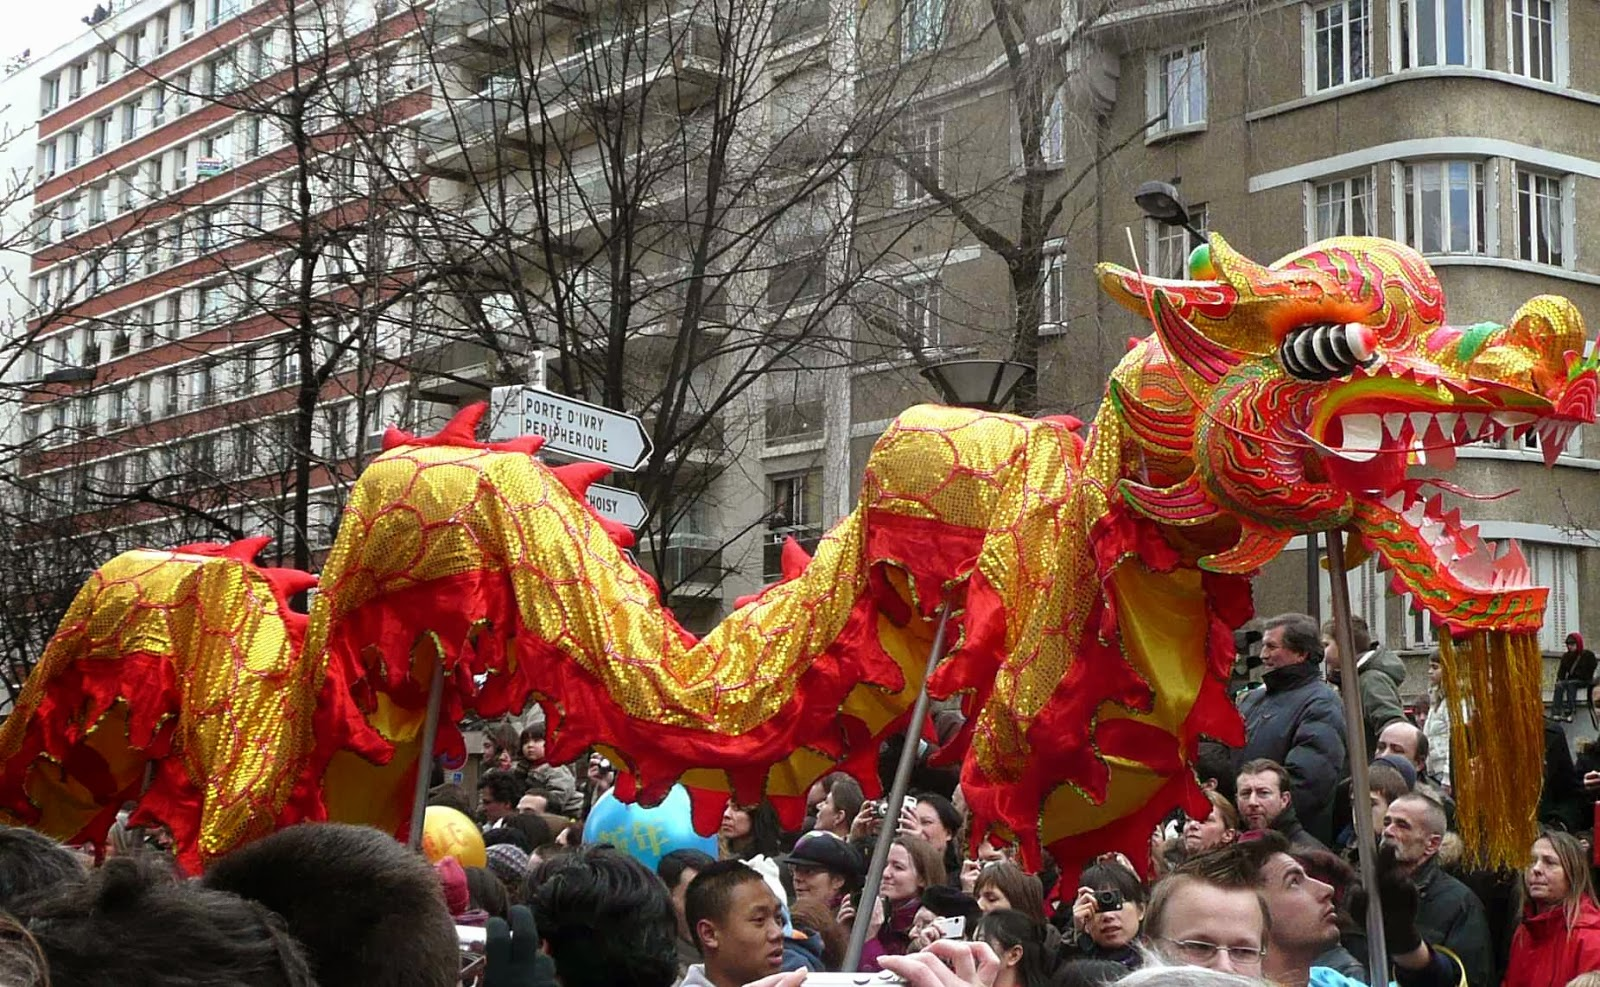 Festival de lanterne, nouvelle année chinoise, année du cheval, de la tradition chinoise, danse du lion, vacances en Chine, vacances du Nouvel An, la communauté chinoise, la prospérité,